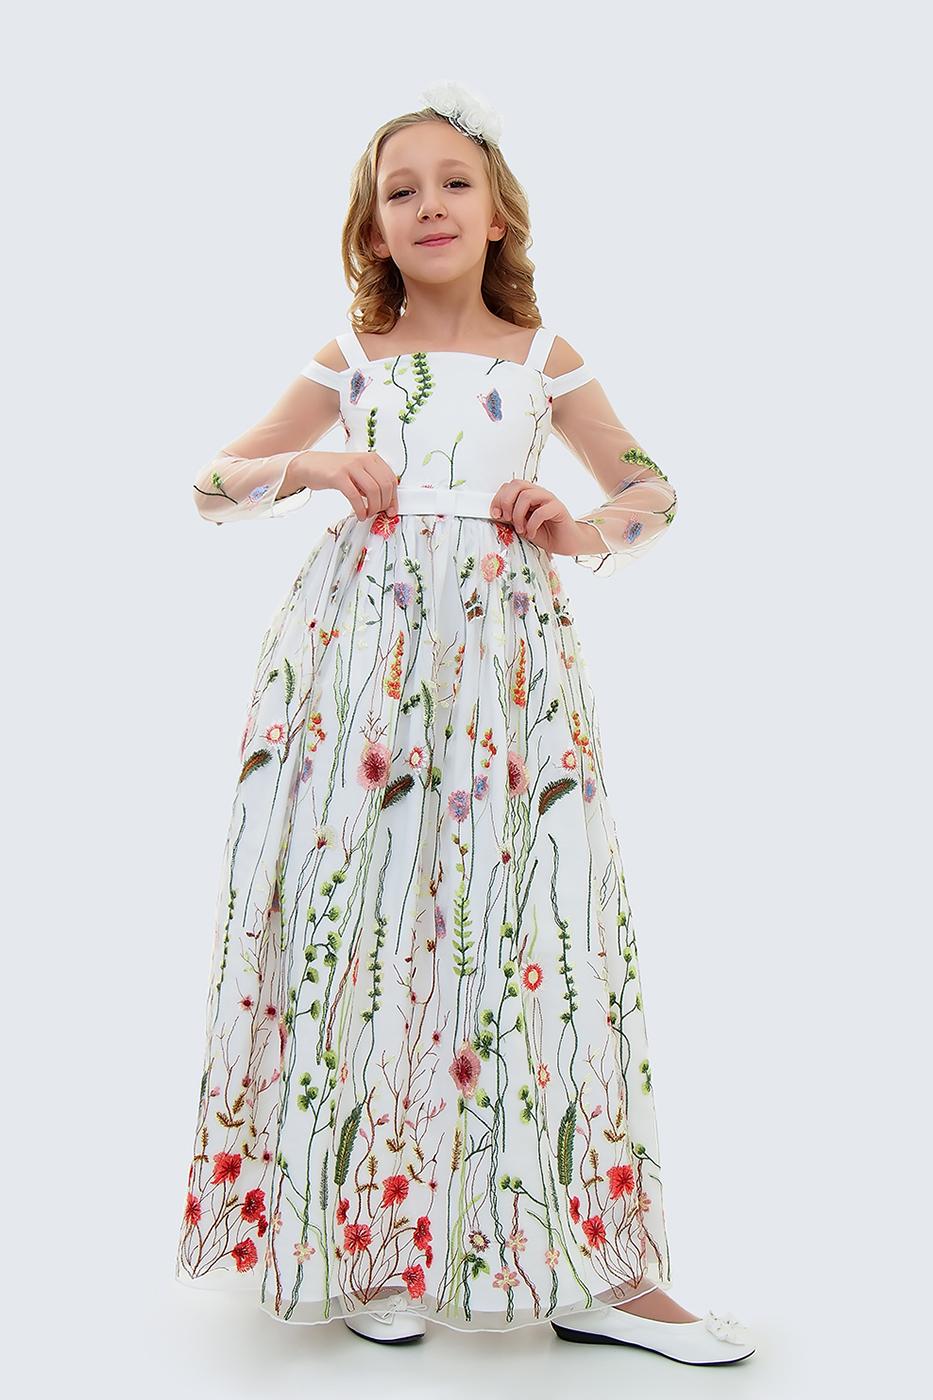 Купить Платье для девочек, МОСМЕХА, белый, 5100397